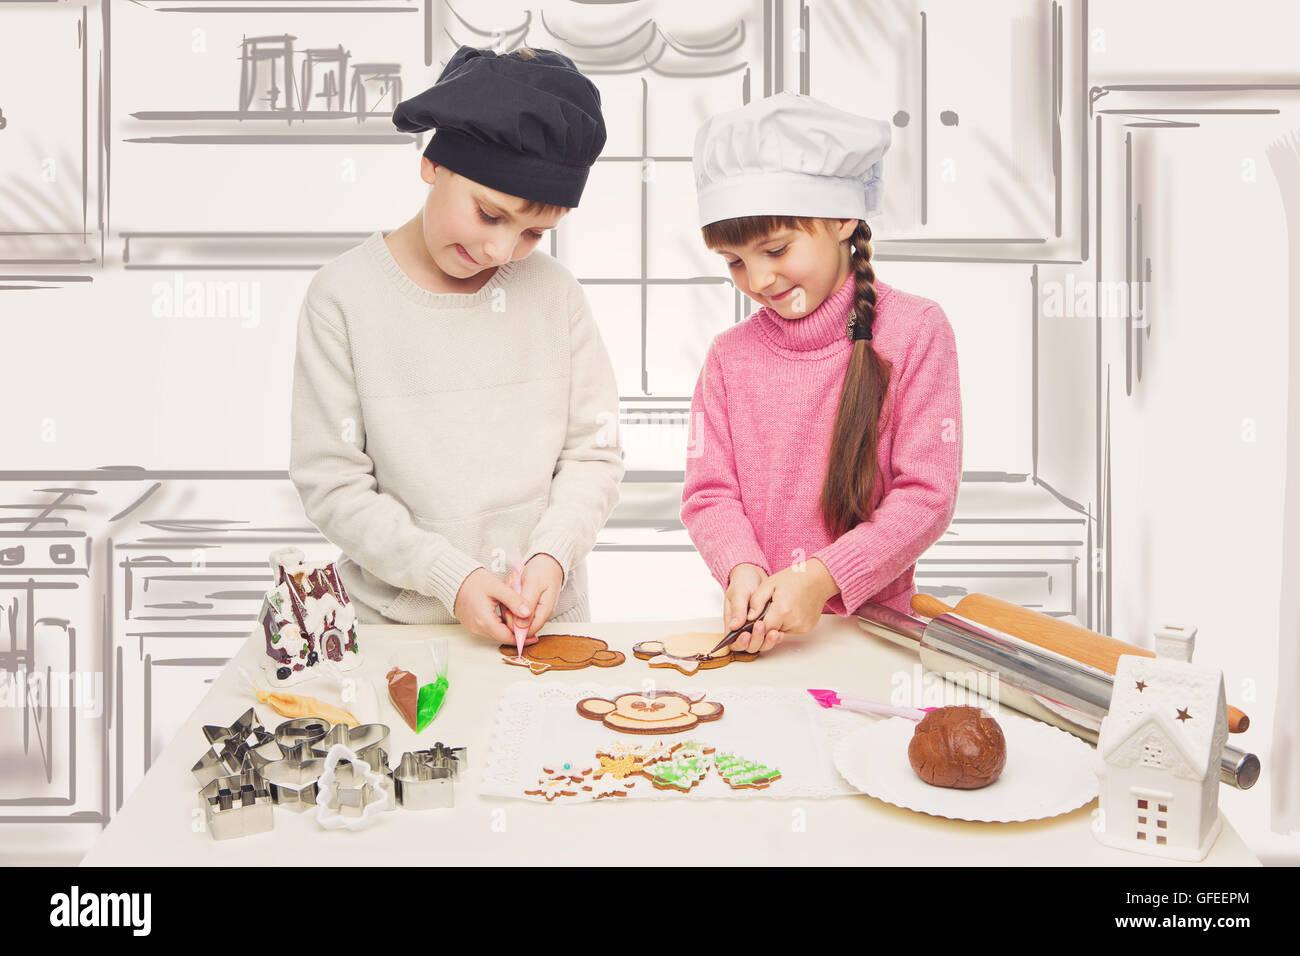 Schone Jungen Und Madchen In Kochmutzen Weihnachtsplatzchen Machen